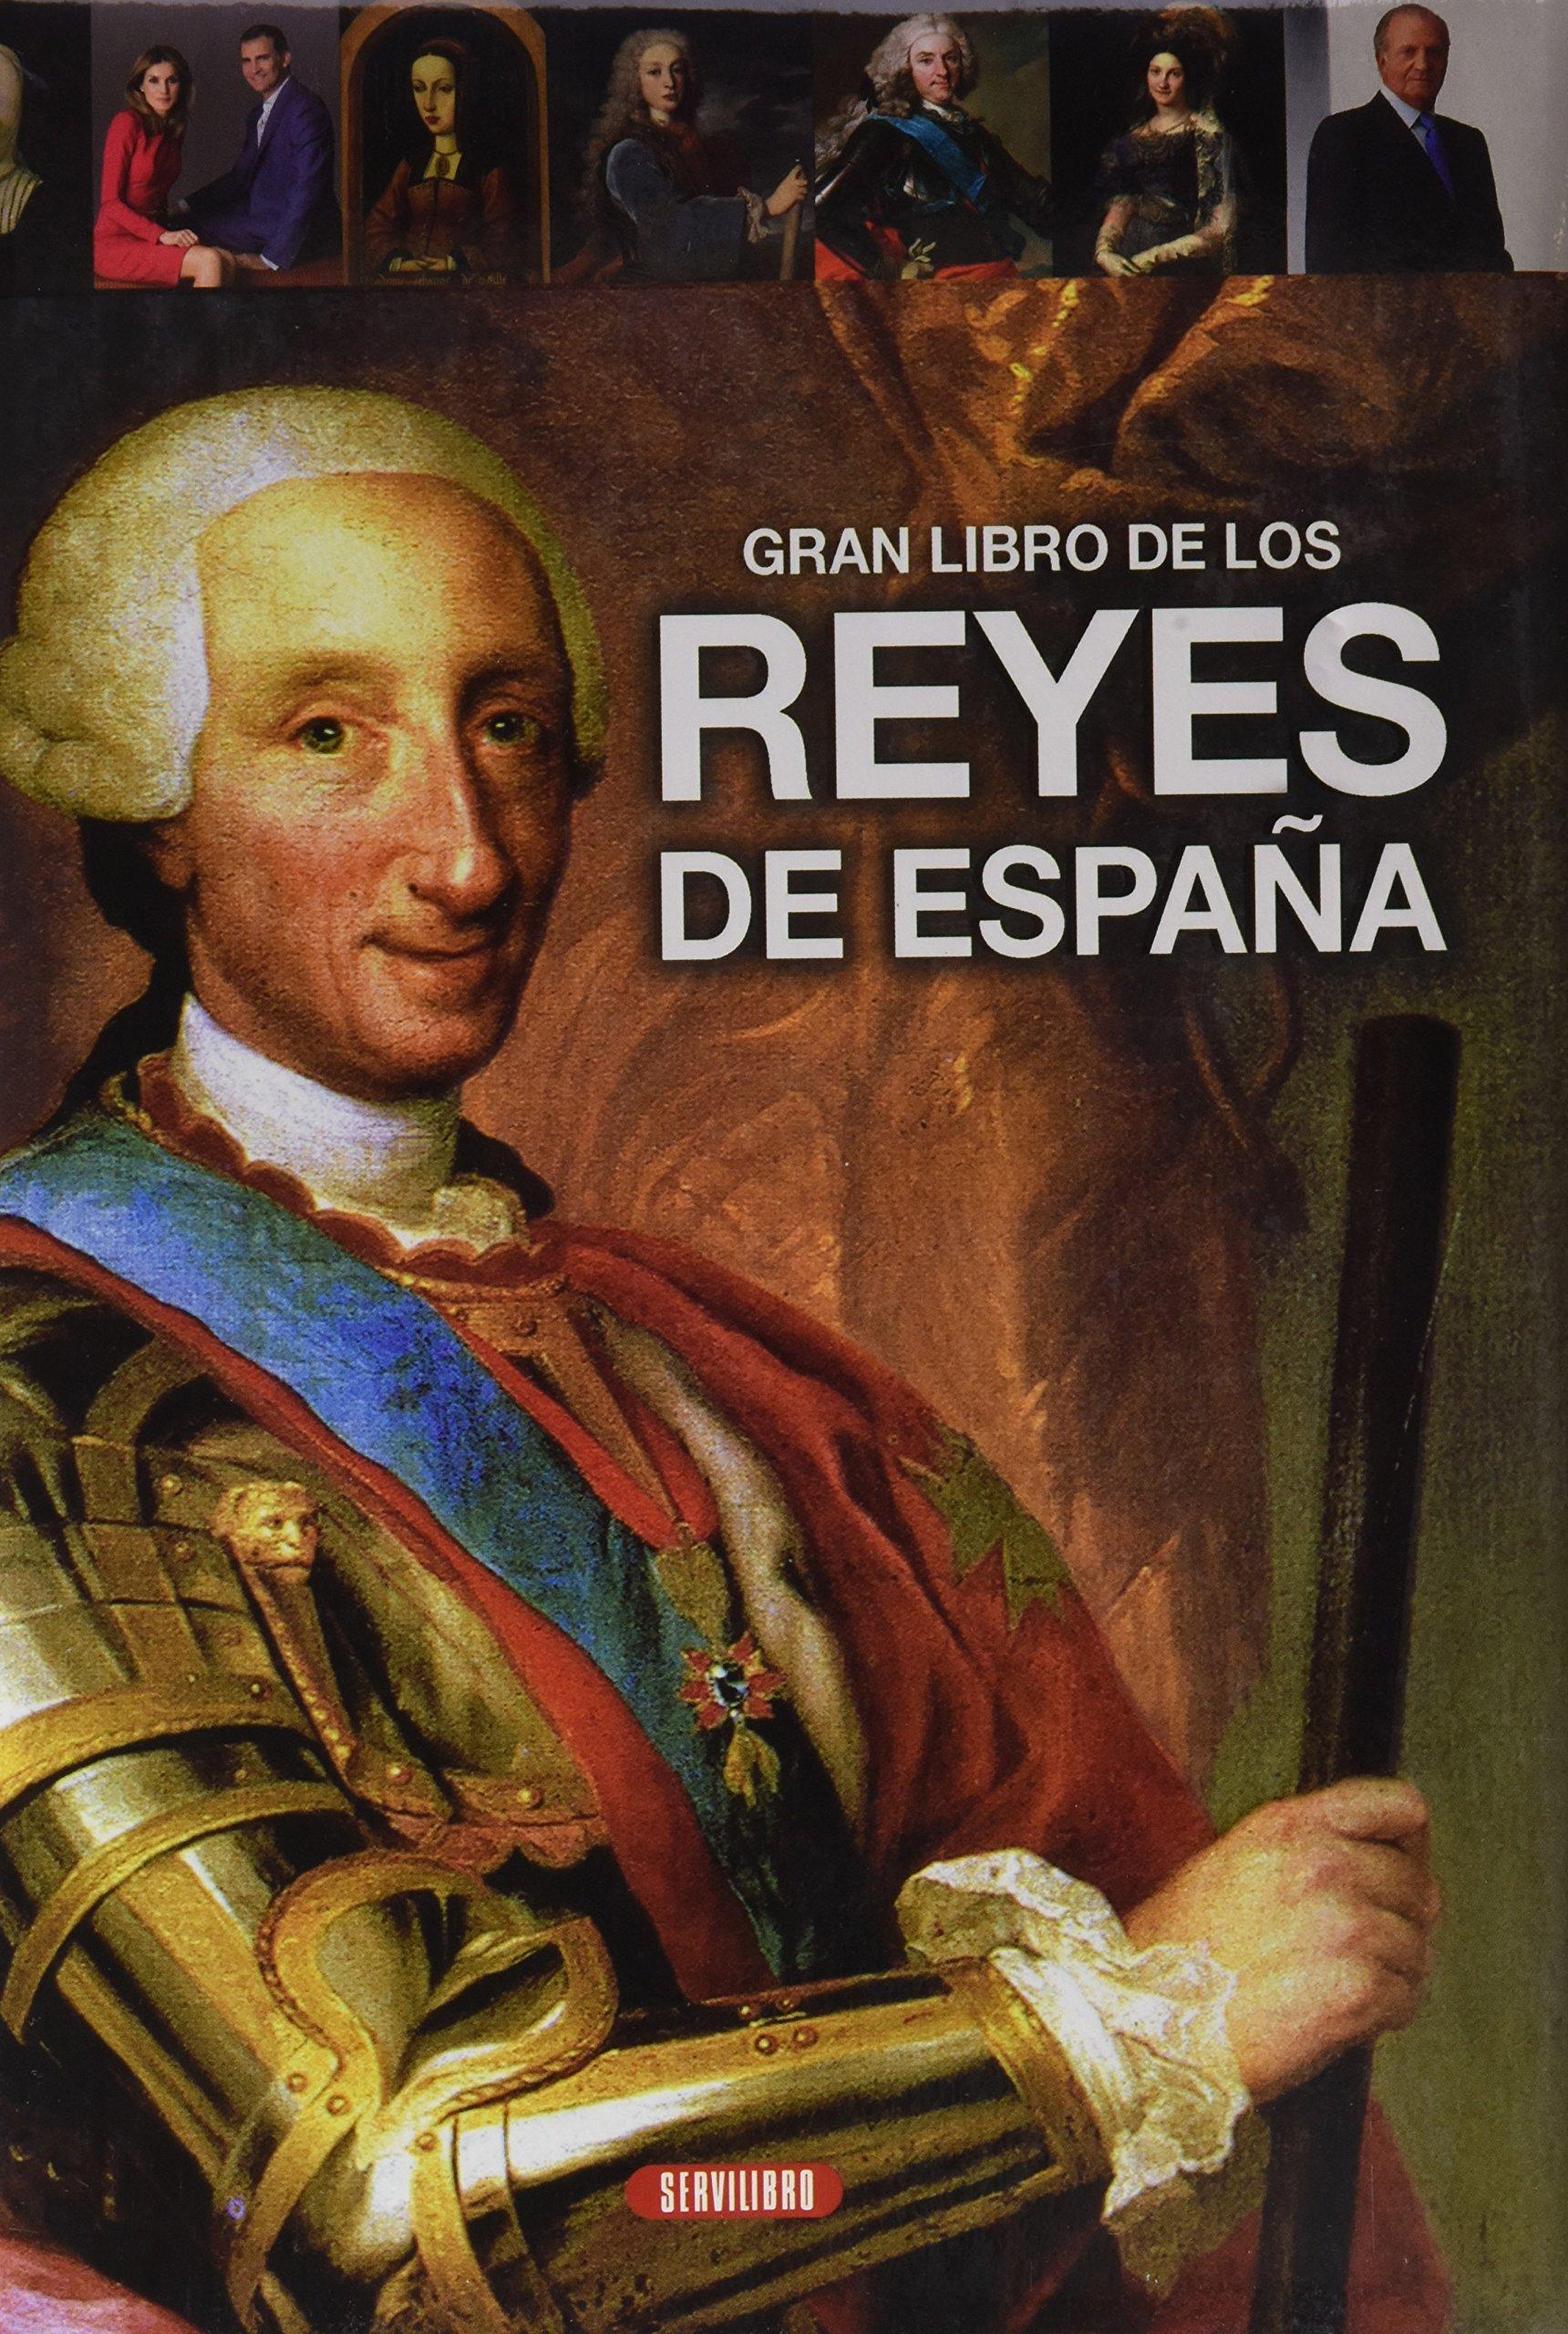 Gran libro de los reyes de España: Amazon.es: Equipo de Servilibro ...